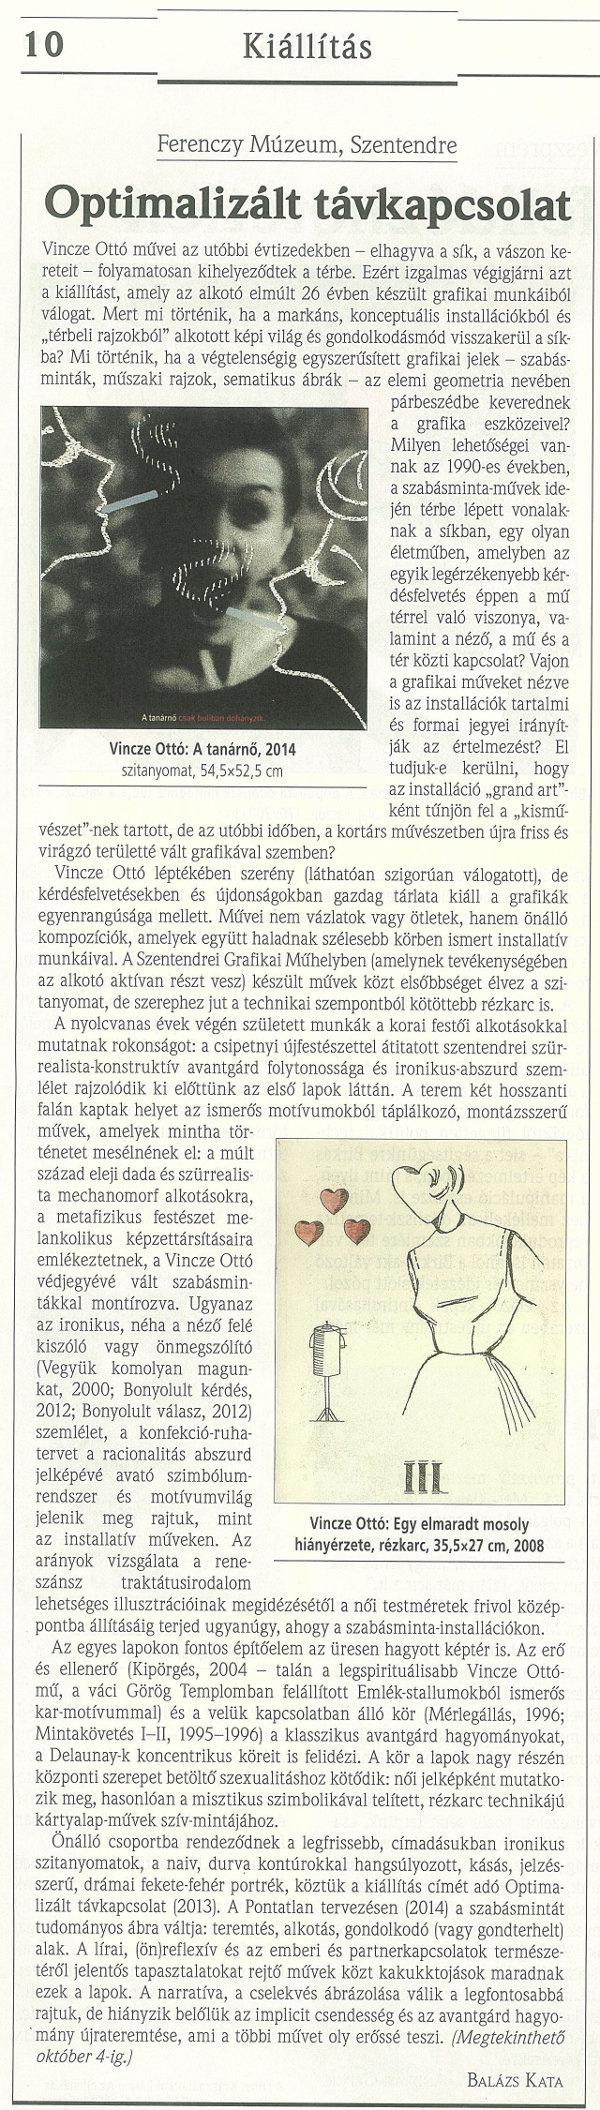 Balázs Kata: Optimalizált távkapcsolat, Műértő, 2015. szeptember, 10. o.